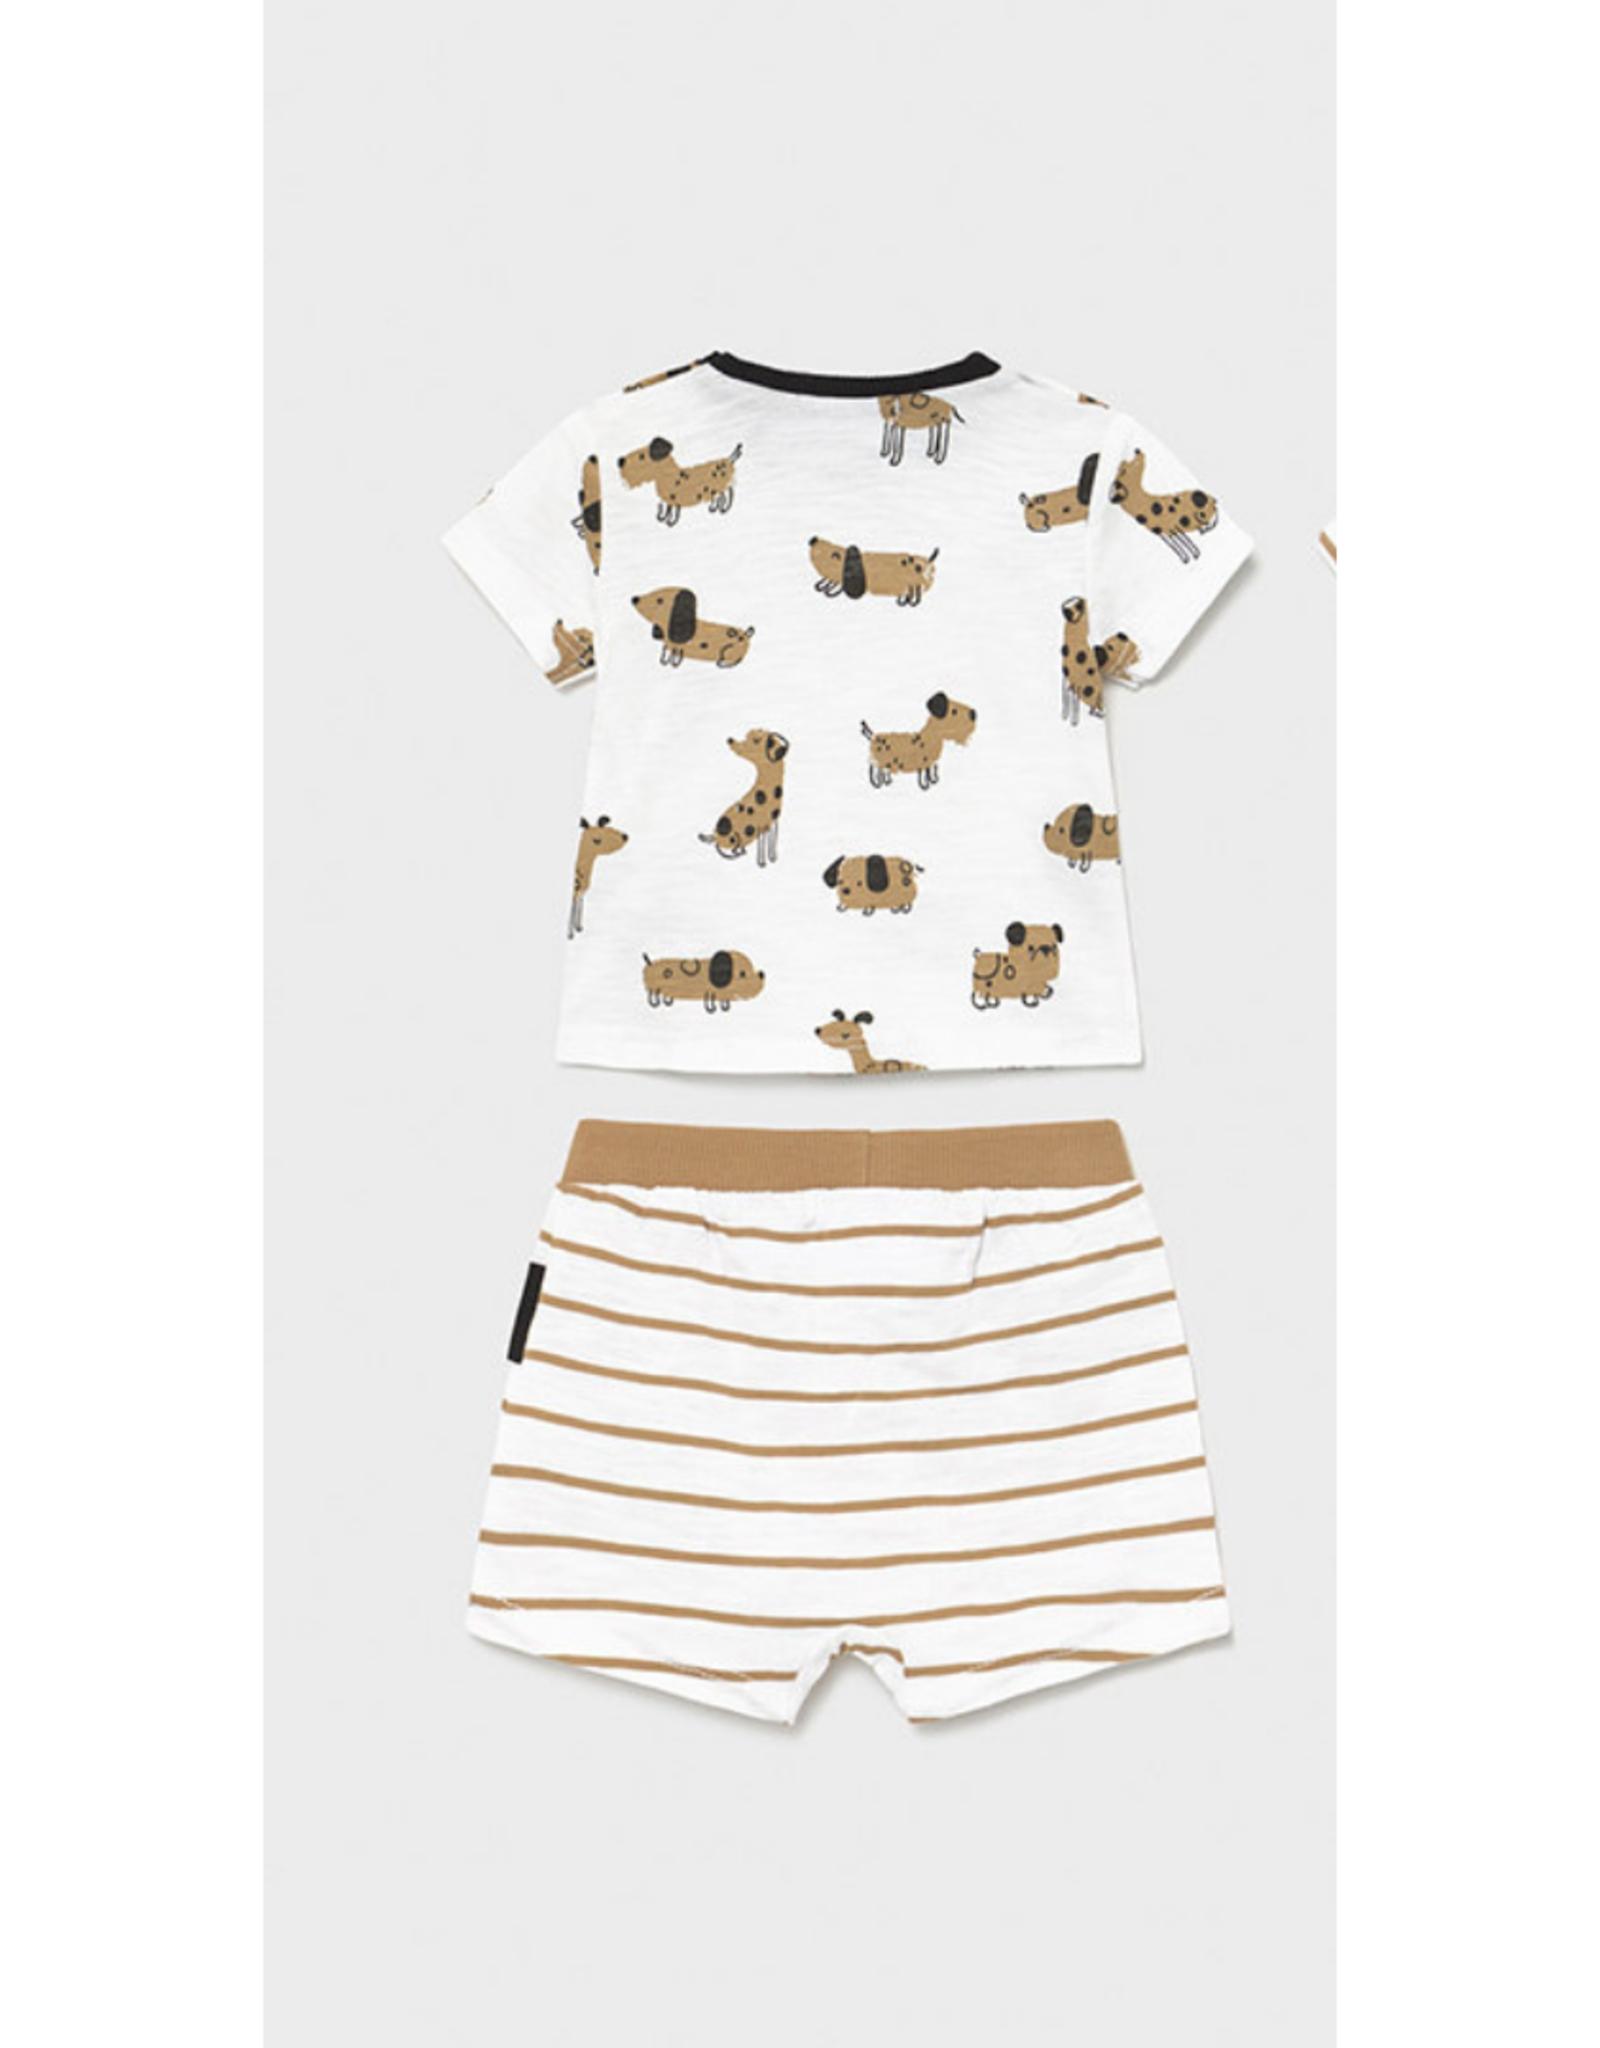 Mayoral Shirt & Shorts Set, Dogs Print Brown